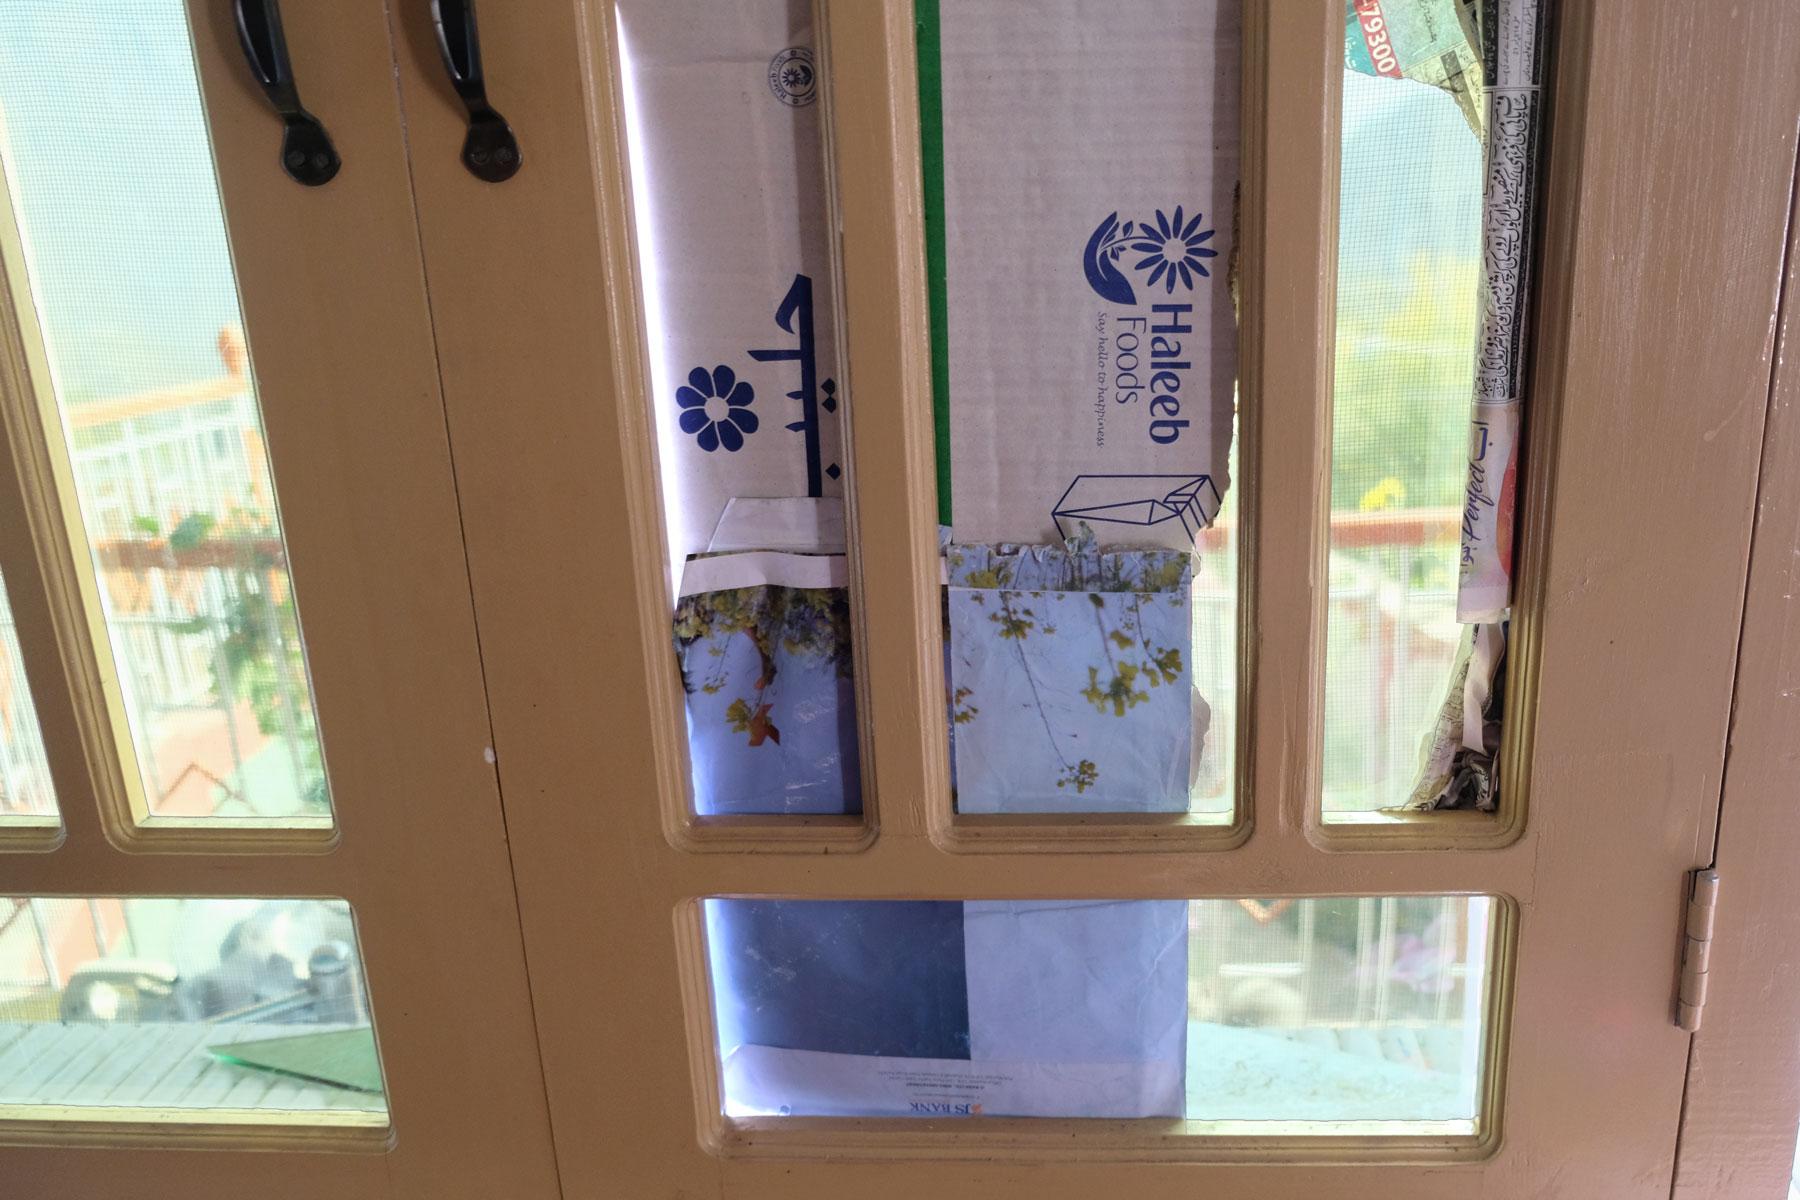 Ein Fenster, dessen Scheiben durch Karton ersetzt wurden.